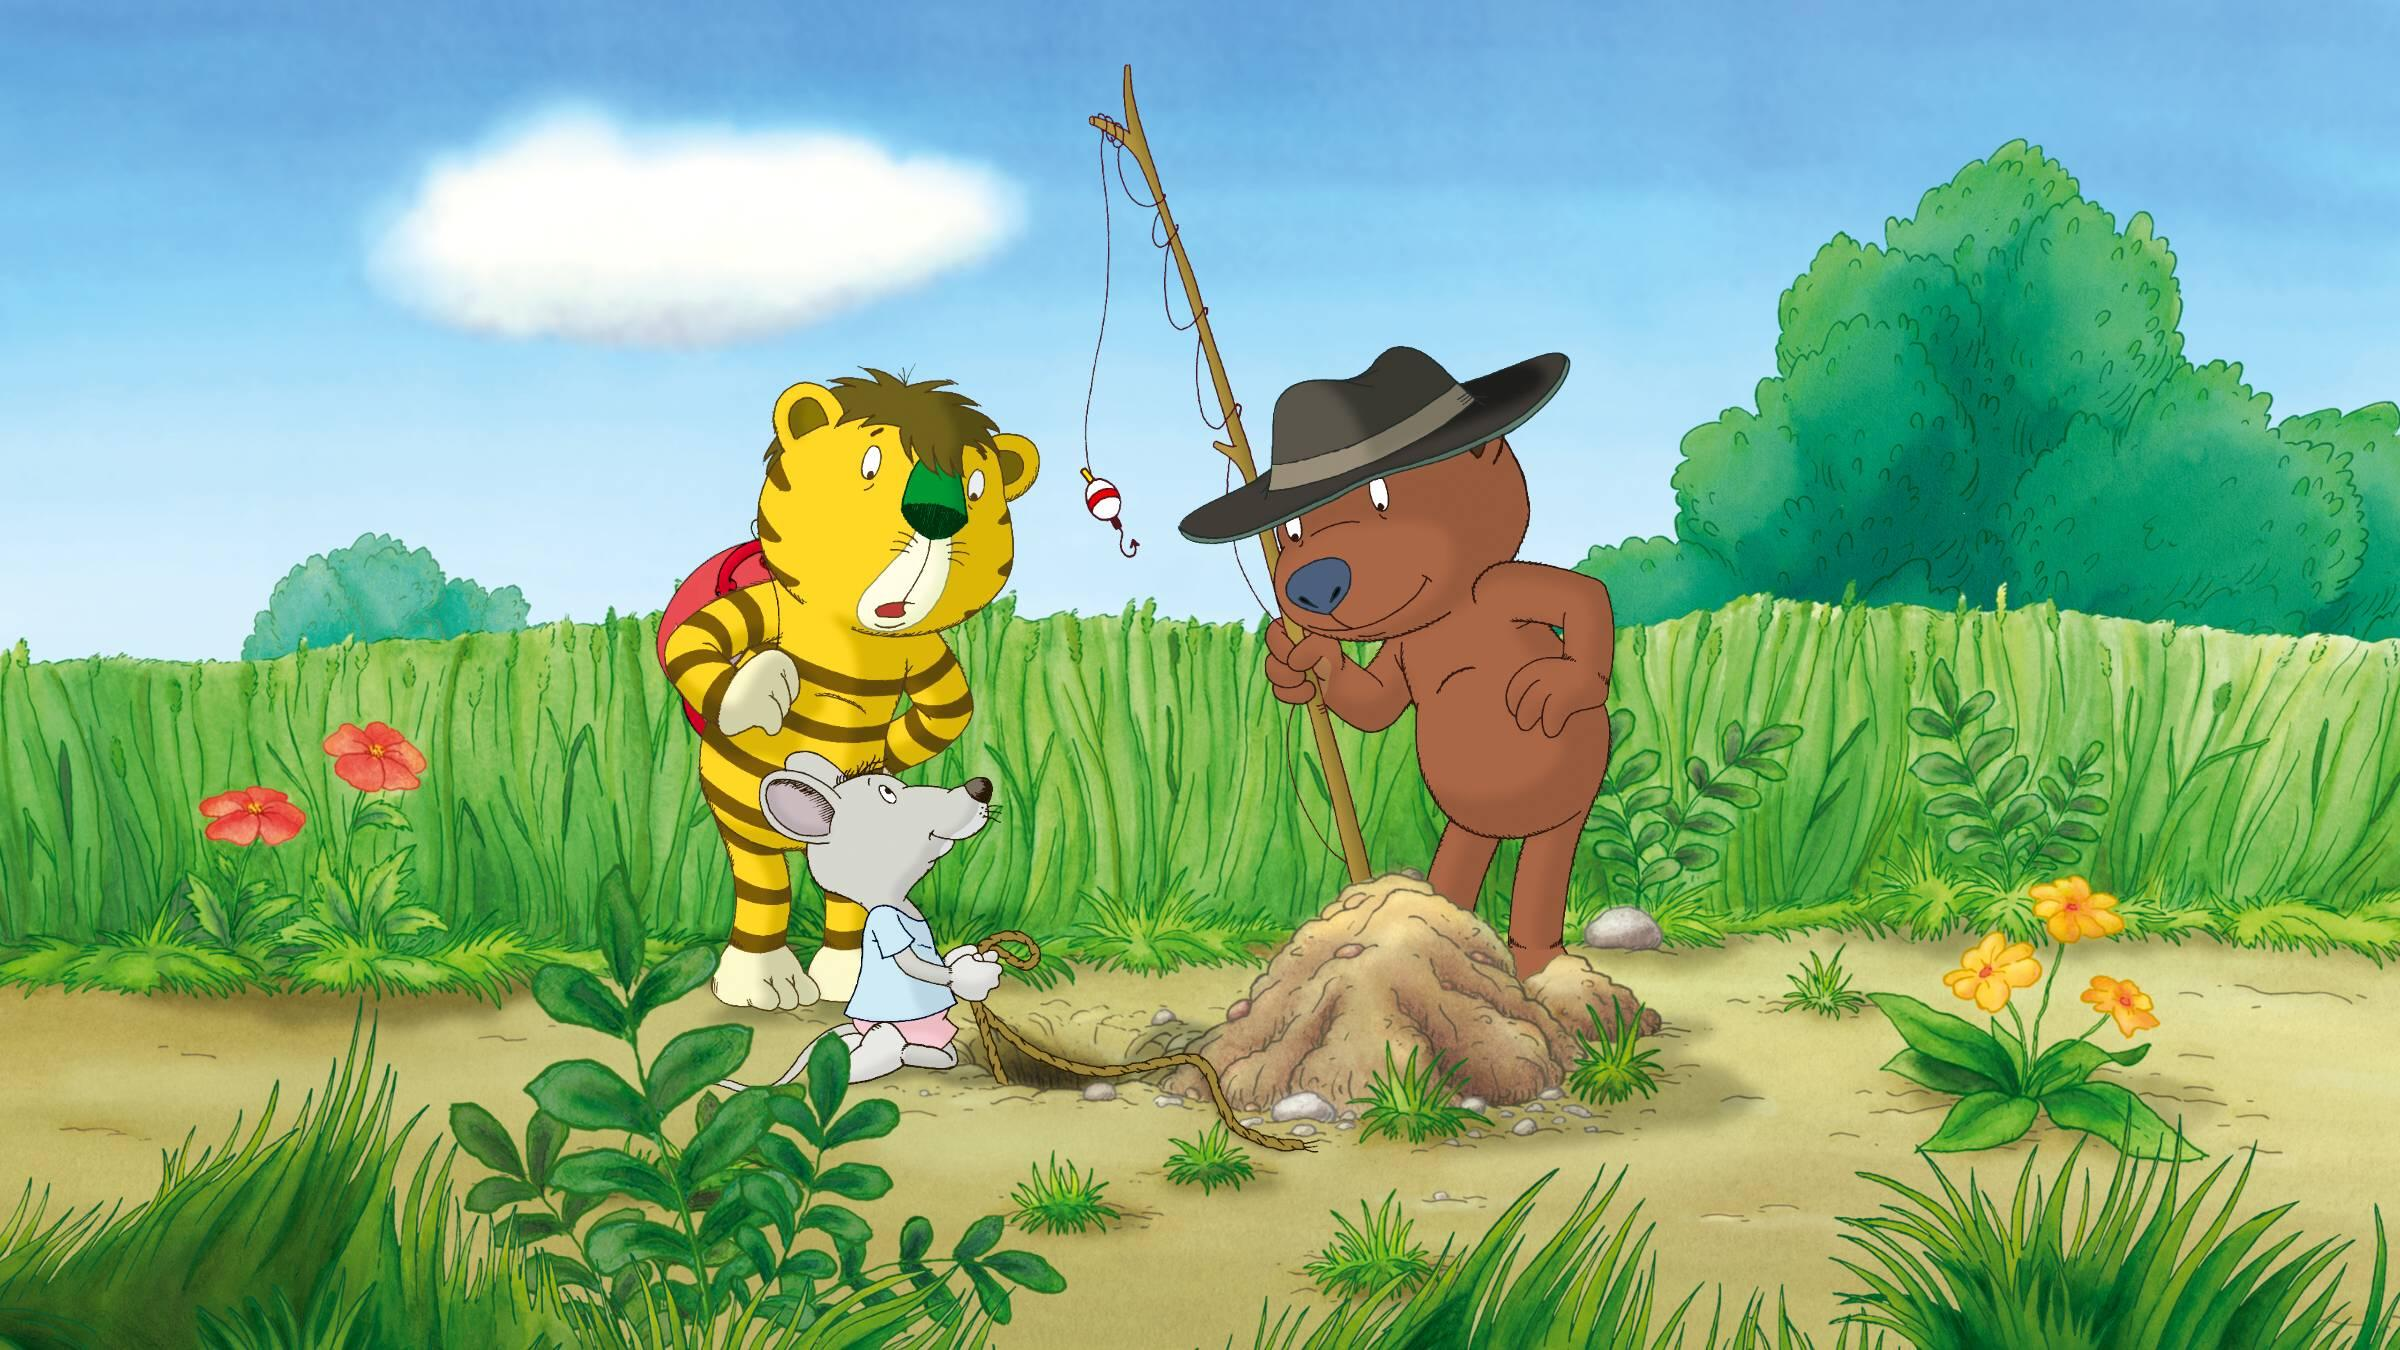 Der kleine Tiger und der kleine Bär auf der Suche nach Panama.